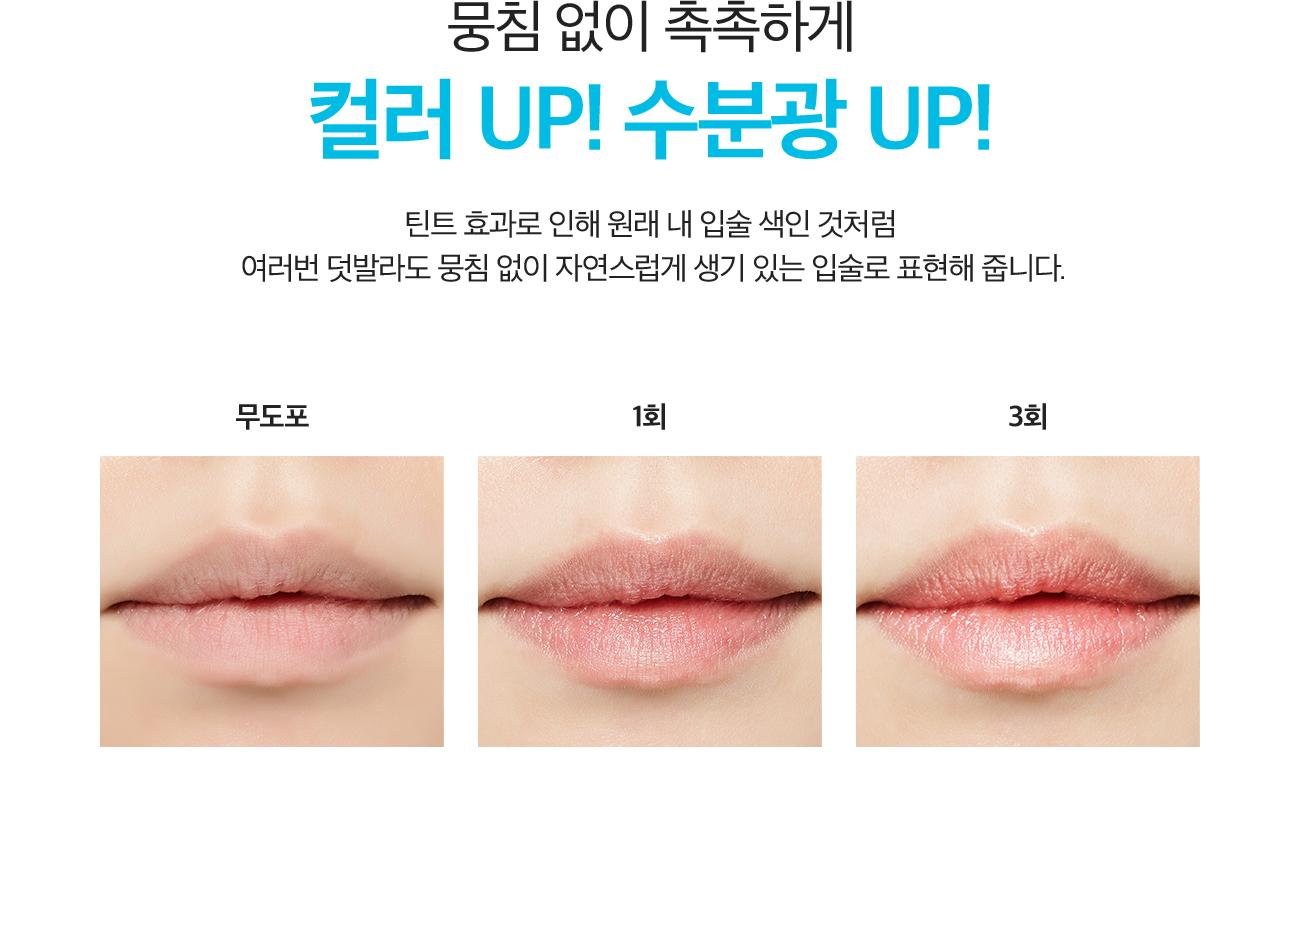 뭉침 없이 촉촉하게 컬러 UP! 수분광 UP! 틴트 효과로 인해 원래 내 입술 색인 것처럼 여러번 덧발라도 뭉침 없이 자연스럽게 생기 있는 입술로 표현해 줍니다.